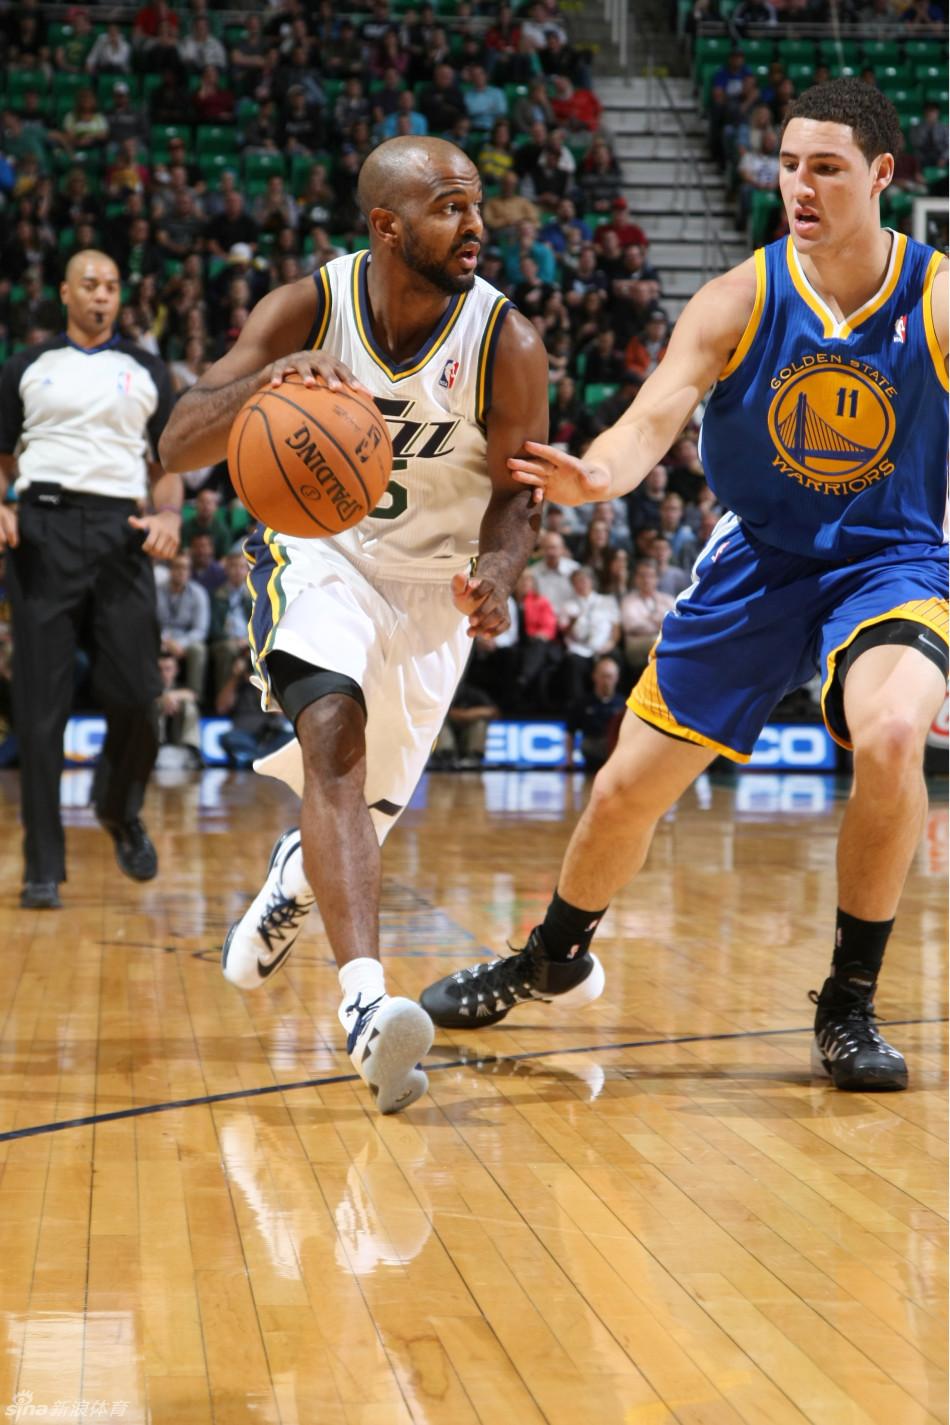 18分6篮板,马尔文-威廉姆斯16分8篮板,德里克-费沃斯10分7篮板